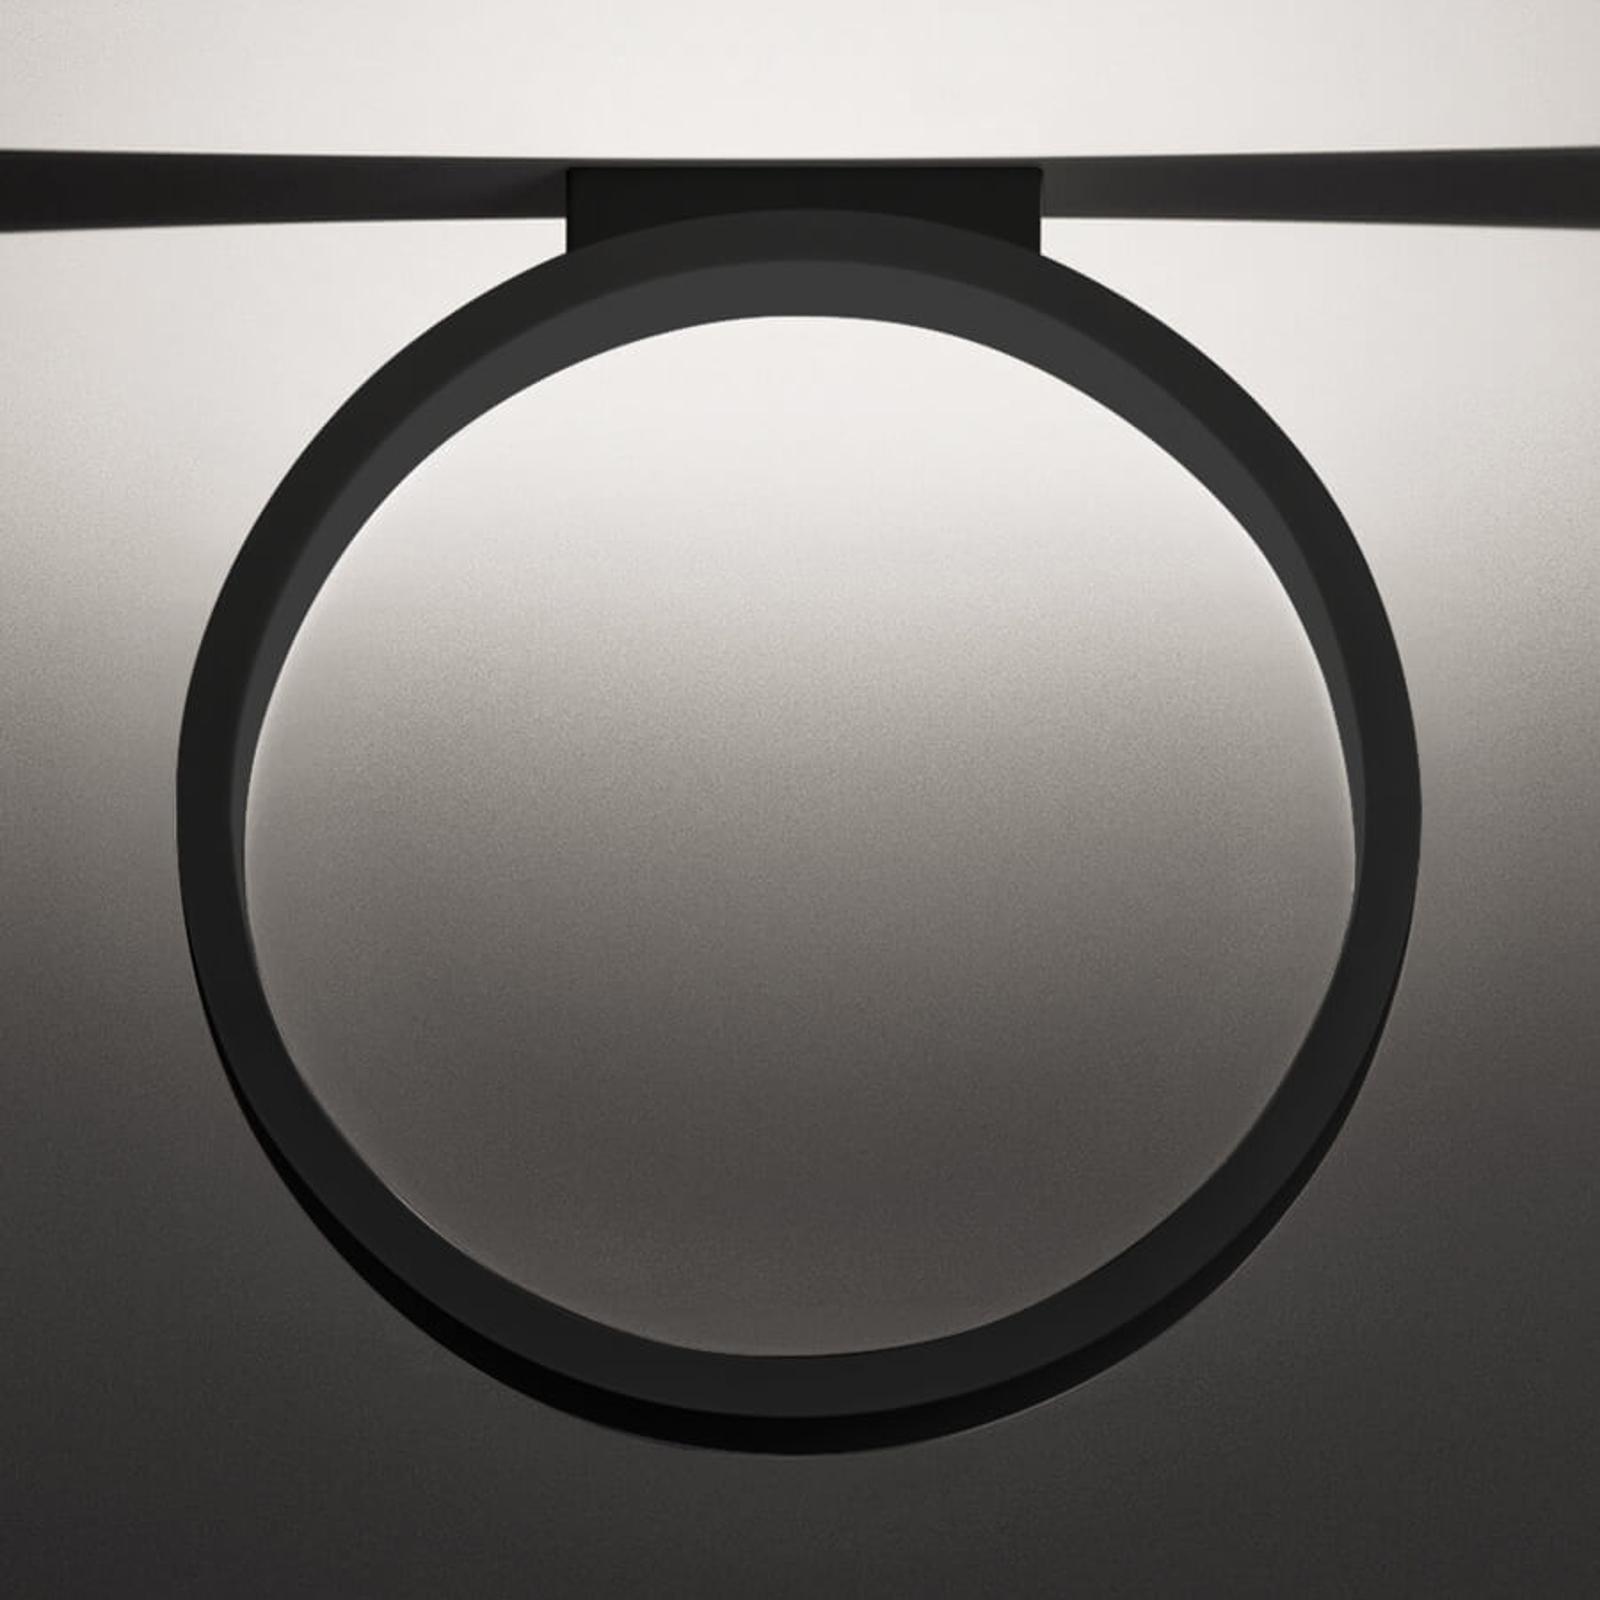 Plafonnier LED Assolo noir, 43 cm